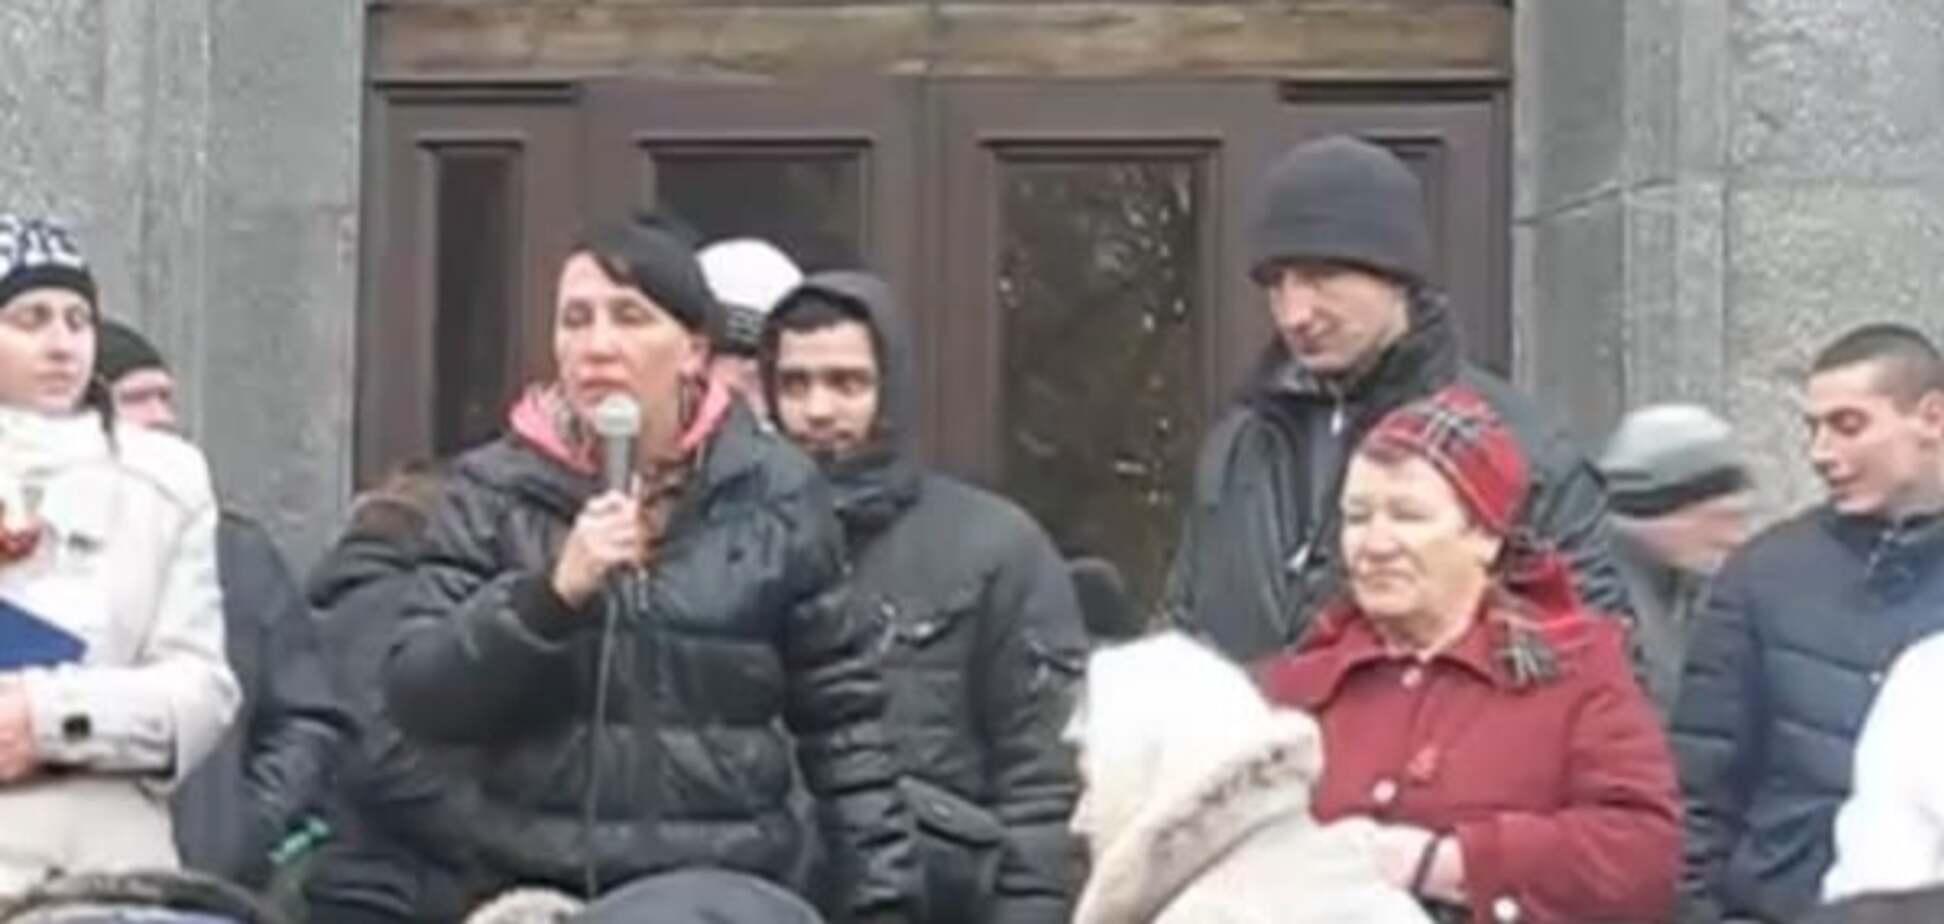 Очевидець 'русской весны' в Луганську: не думали, що за цими ідіотами стоїть реальна сила